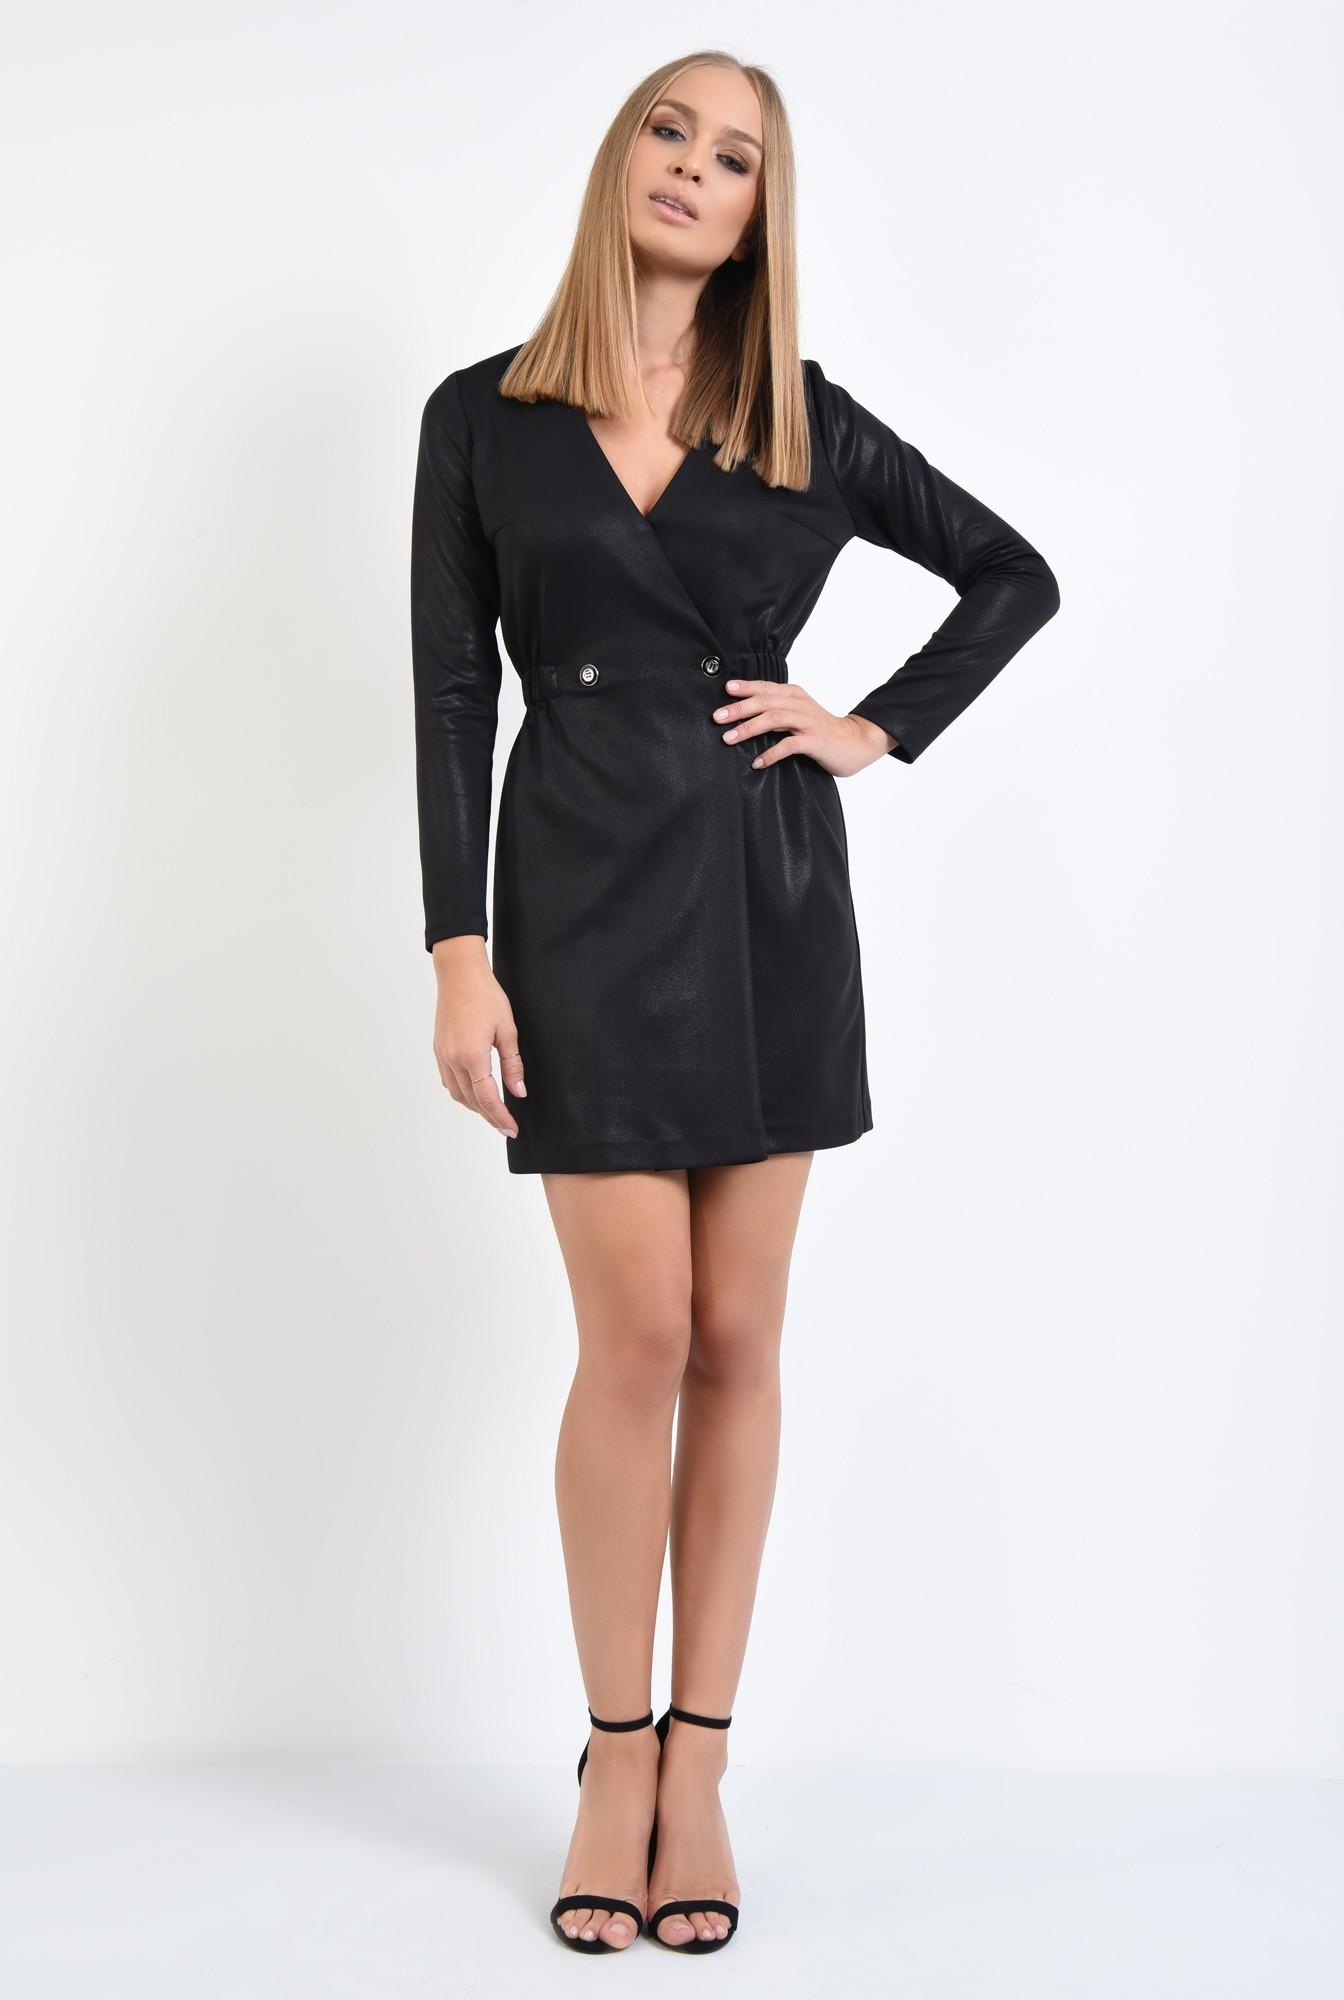 3 - rochie neagra, maneci lungi, scuba, anchior petrecut